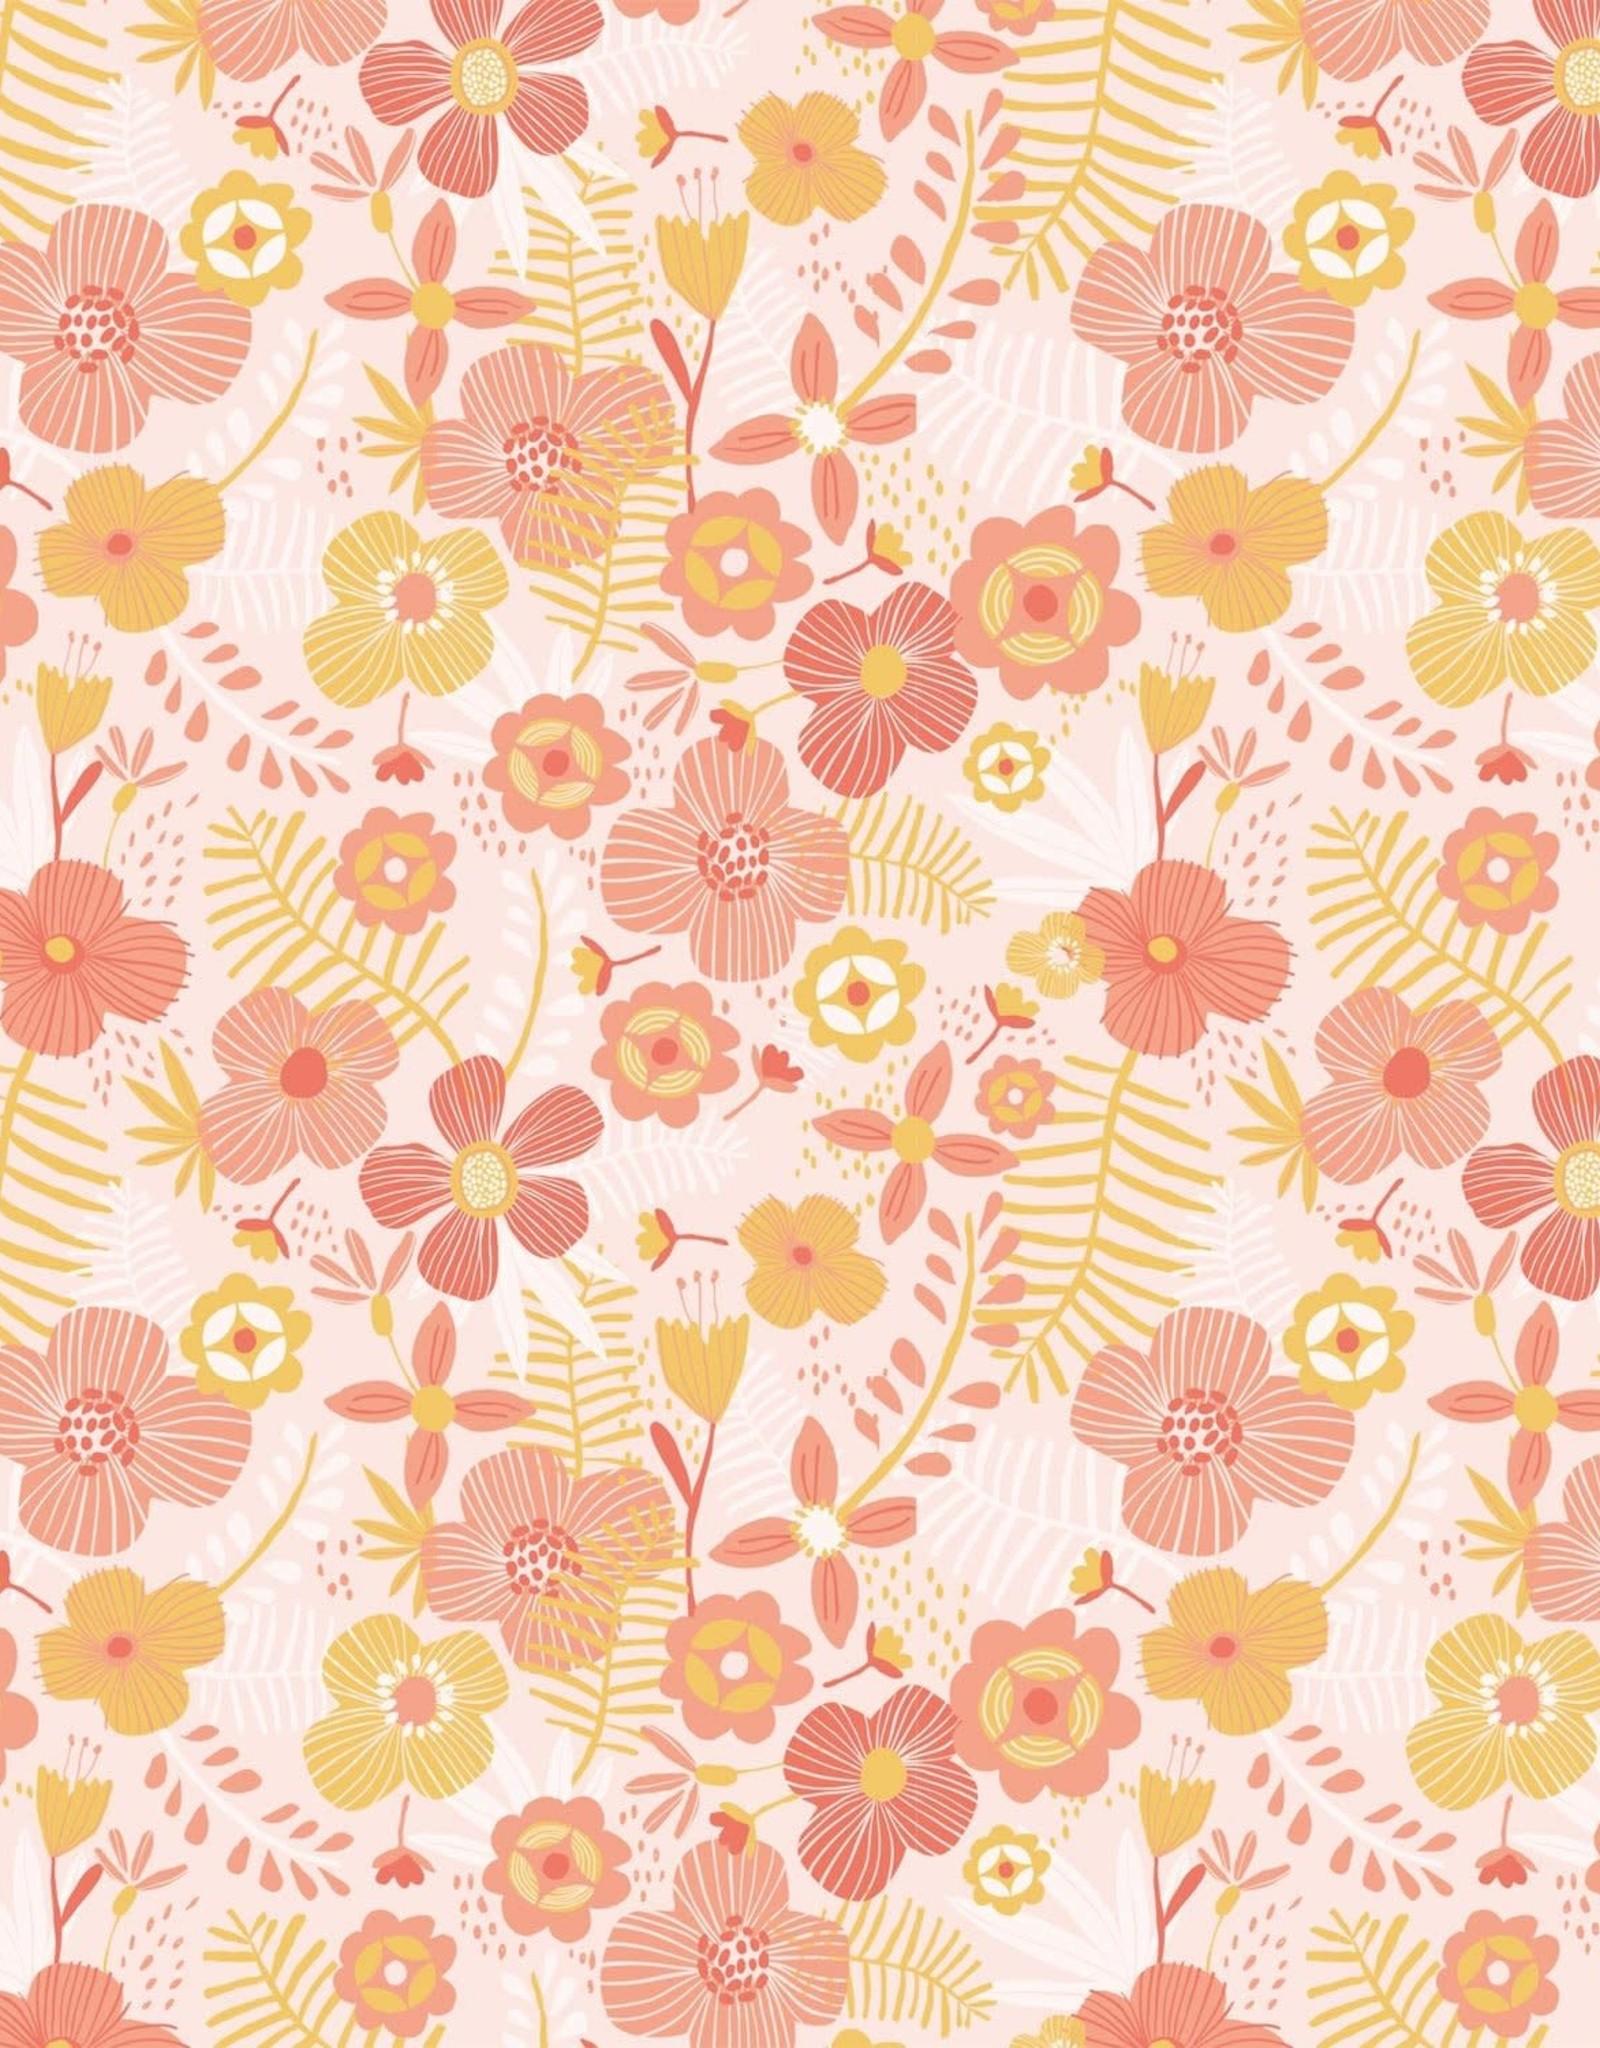 Katia Katia Fabrics Katoen Jumbo Flowers P 96